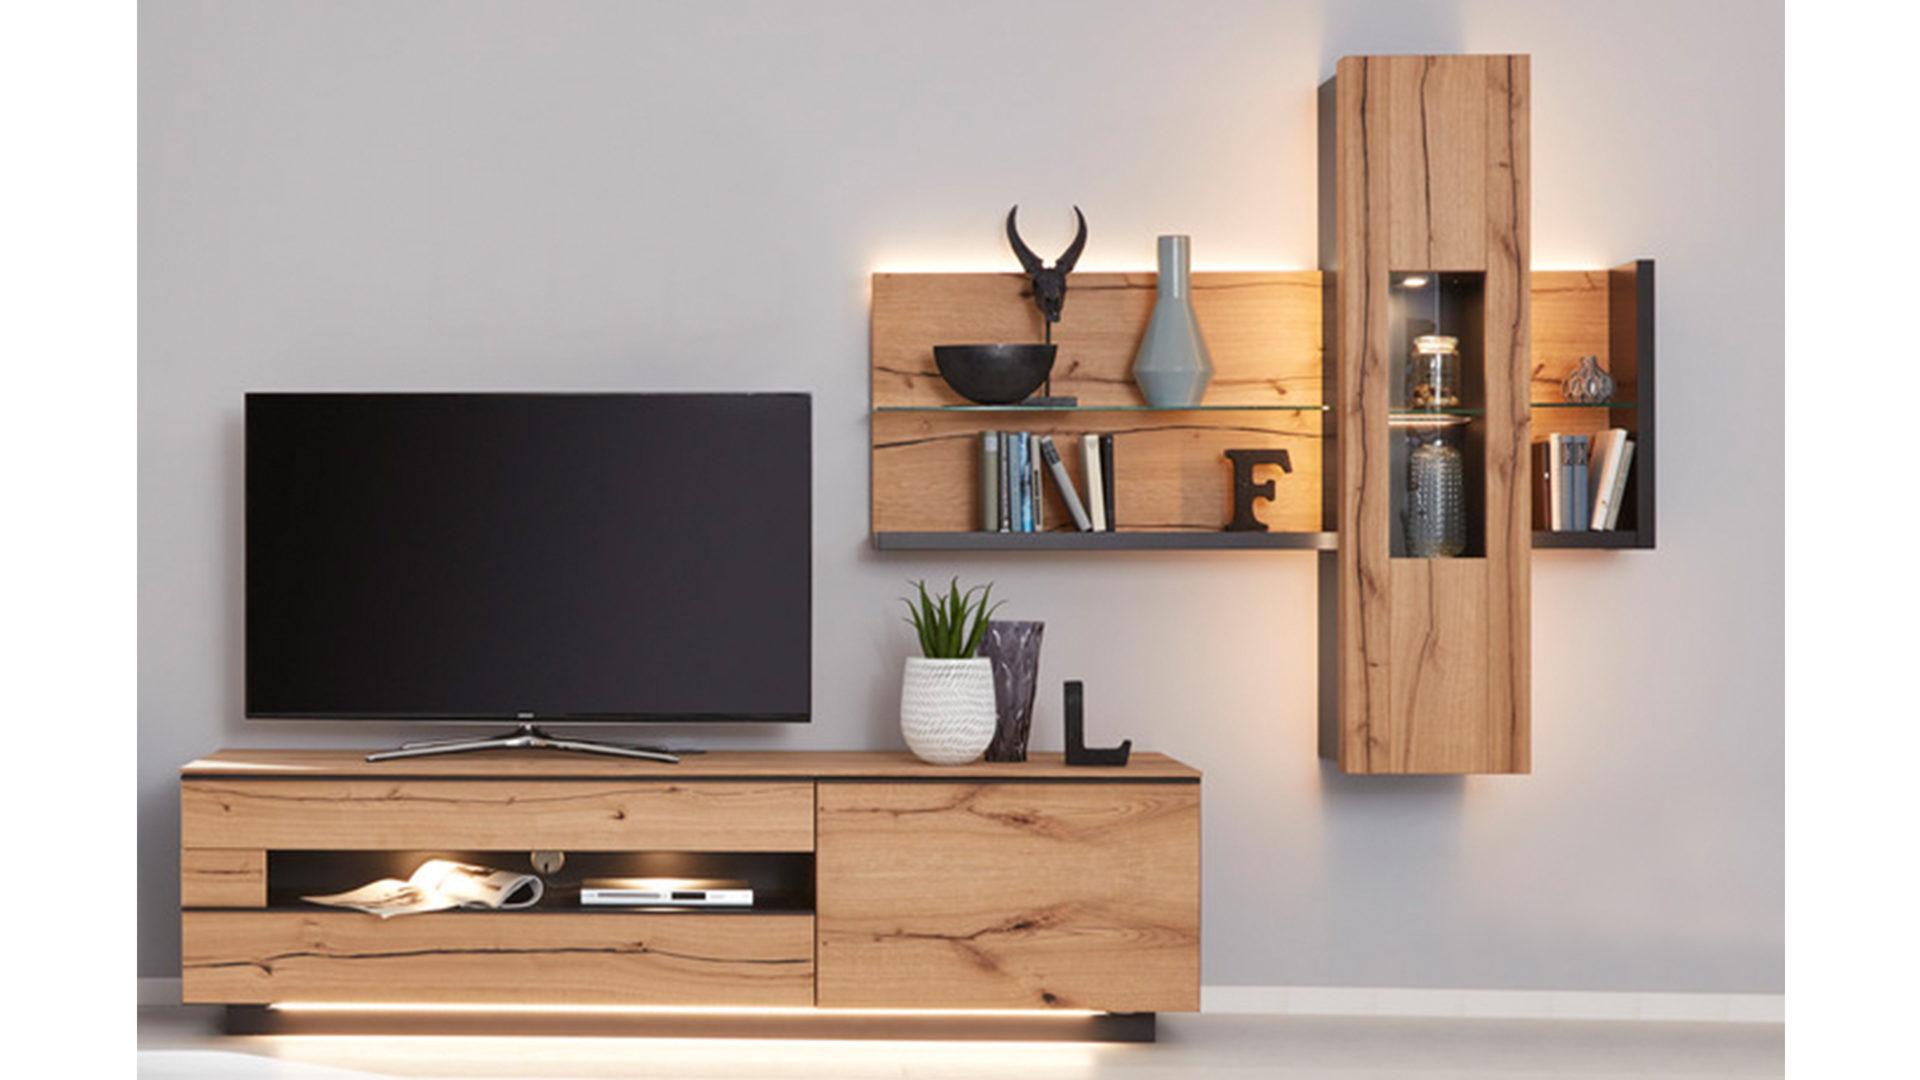 Interliving Wohnzimmer Serie 2103 Wohnwand 560001f